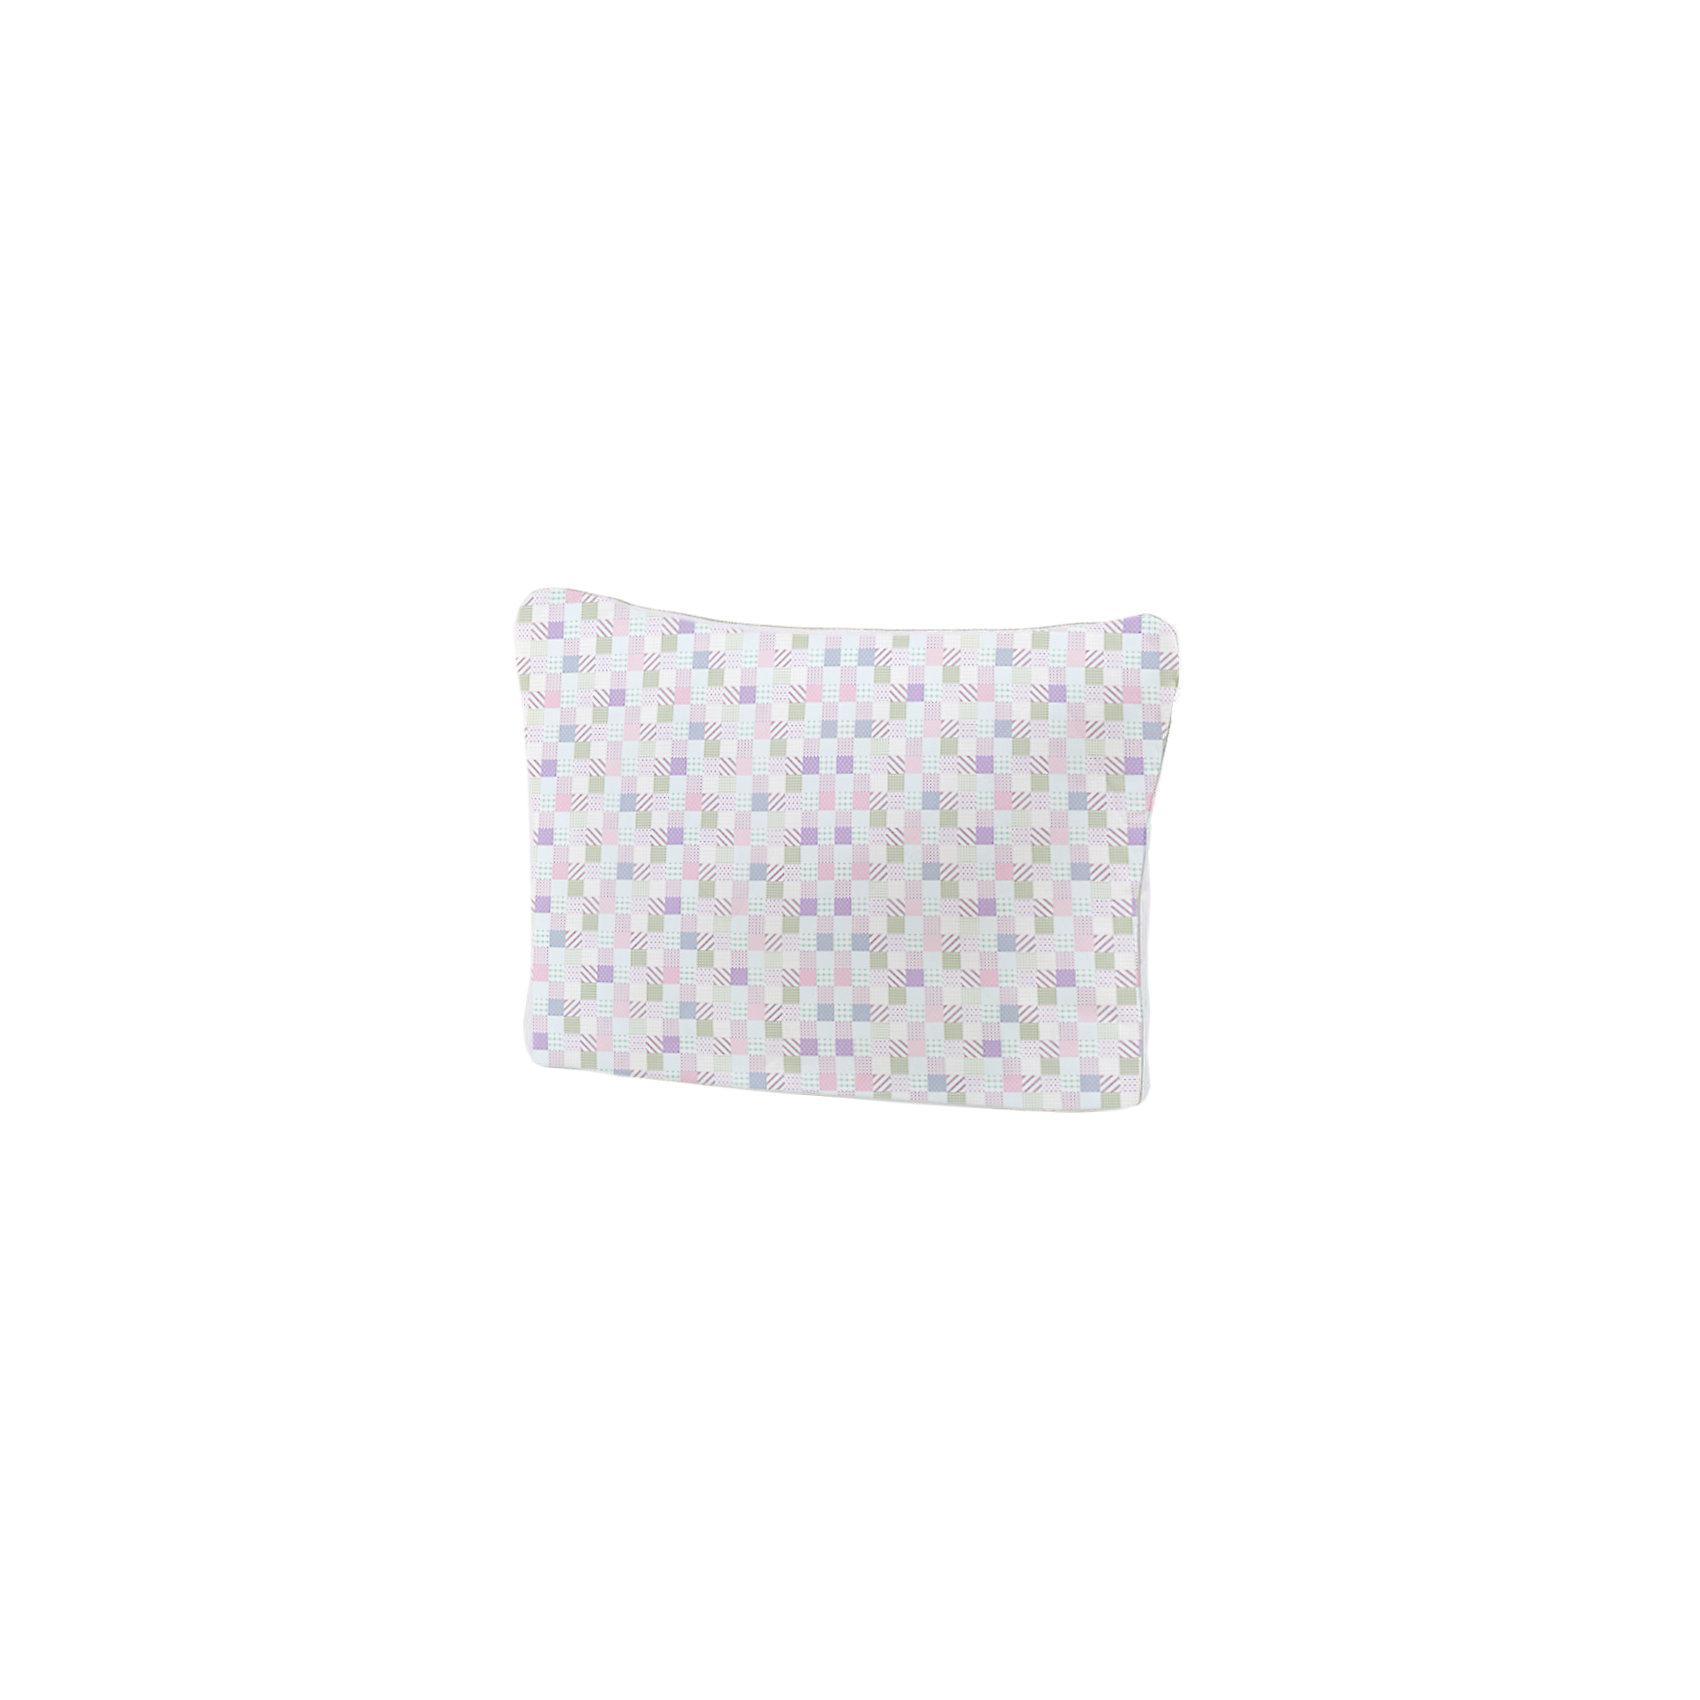 Подушка 50*70 Provence аромат Lilac, Mona LizaДомашний текстиль<br>Характеристики:<br><br>• в комплекте саше с ароматом сирени<br>• размер подушки: 50х70 см<br>• стеганый чехол: термополотно (100% полиэстер)<br>• наполнитель: 100% полиэстер<br>• размер упаковки: 50х20х70 см<br>• вес: 1000 грамм<br><br>Подушка Provance подарит комфортный сон и уют во время отдыха. В комплект входит декоративное саше с ароматом сирени. Оно наполнит вашу комнату приятным ароматом, который позволит вам расслабиться перед сном. <br><br>Наполнитель из силиконизированного волокна роялон придает подушке упругость в течение долгого времени использования. Подушка легко восстанавливает форму и обеспечивает оптимальную поддержку головы и шеи.<br><br>Подушку 50*70 Provence аромат Lilac, Mona Liza (Мона Лиза) вы можете купить в нашем интернет-магазине.<br><br>Ширина мм: 700<br>Глубина мм: 200<br>Высота мм: 500<br>Вес г: 1000<br>Возраст от месяцев: 84<br>Возраст до месяцев: 600<br>Пол: Унисекс<br>Возраст: Детский<br>SKU: 6765310